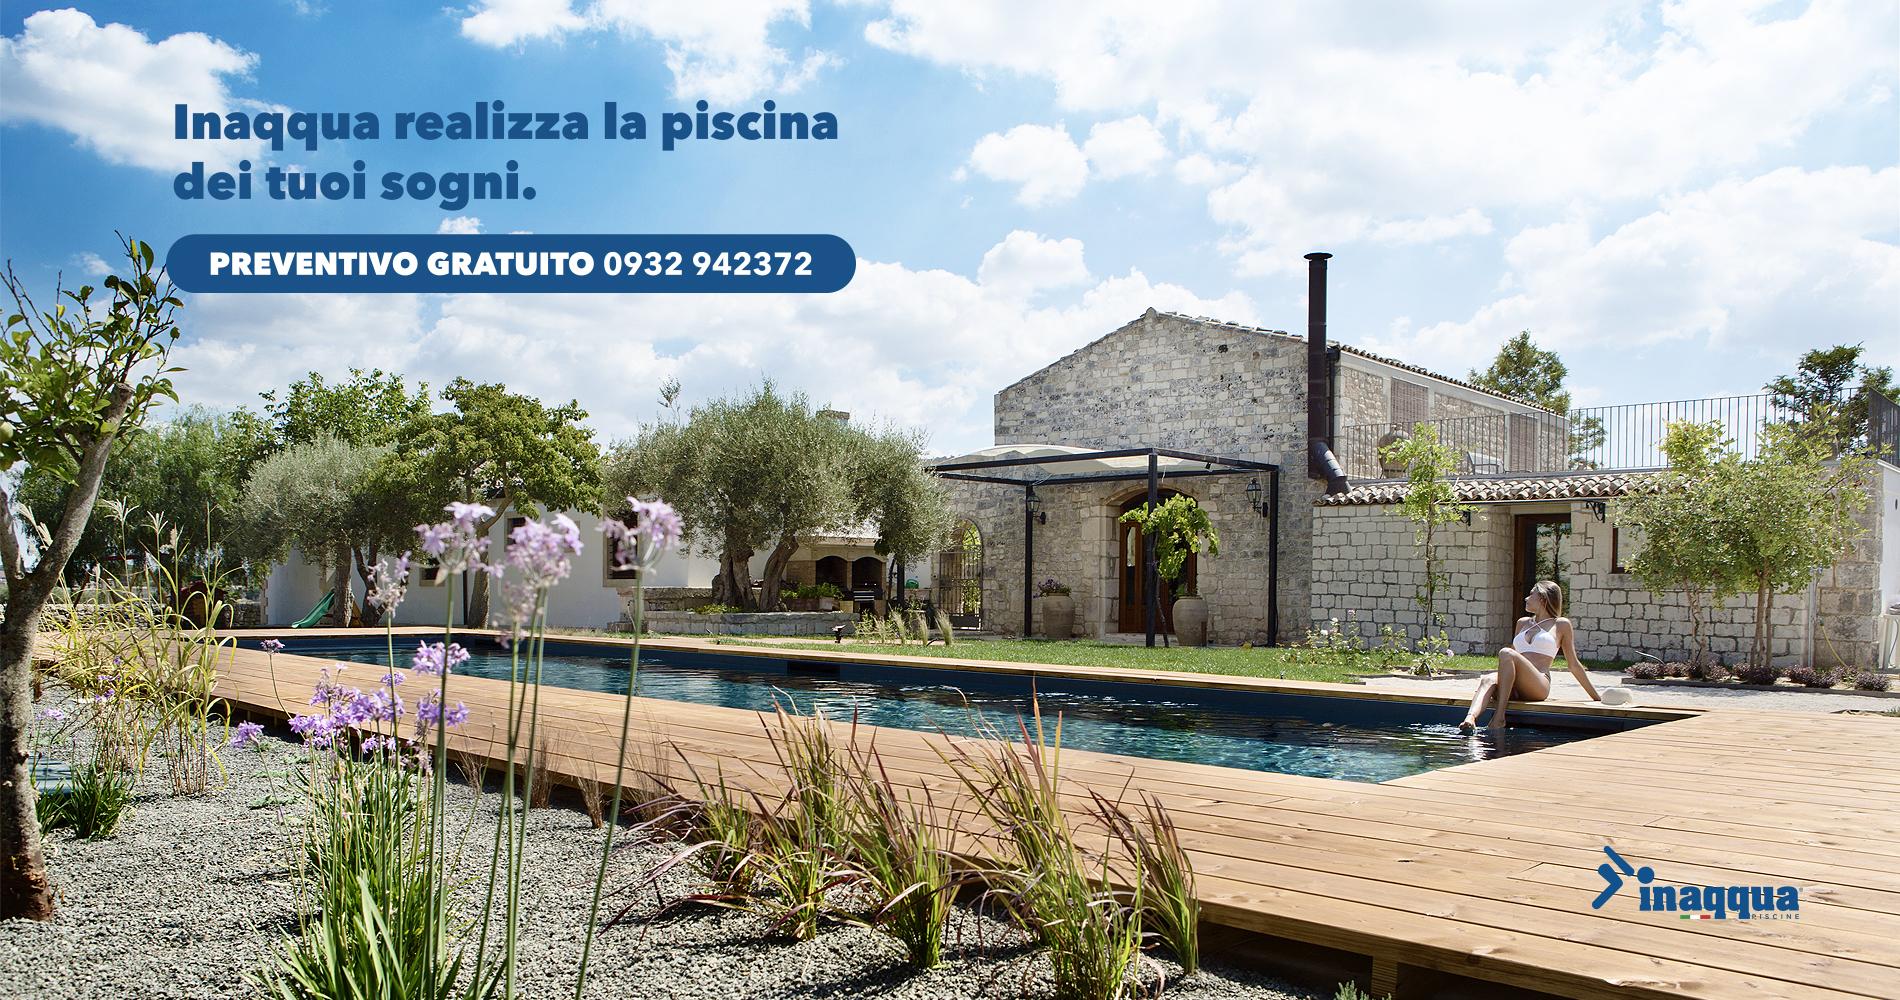 Chiusura invernale piscina modica inaqqua - Chiusura invernale piscina ...